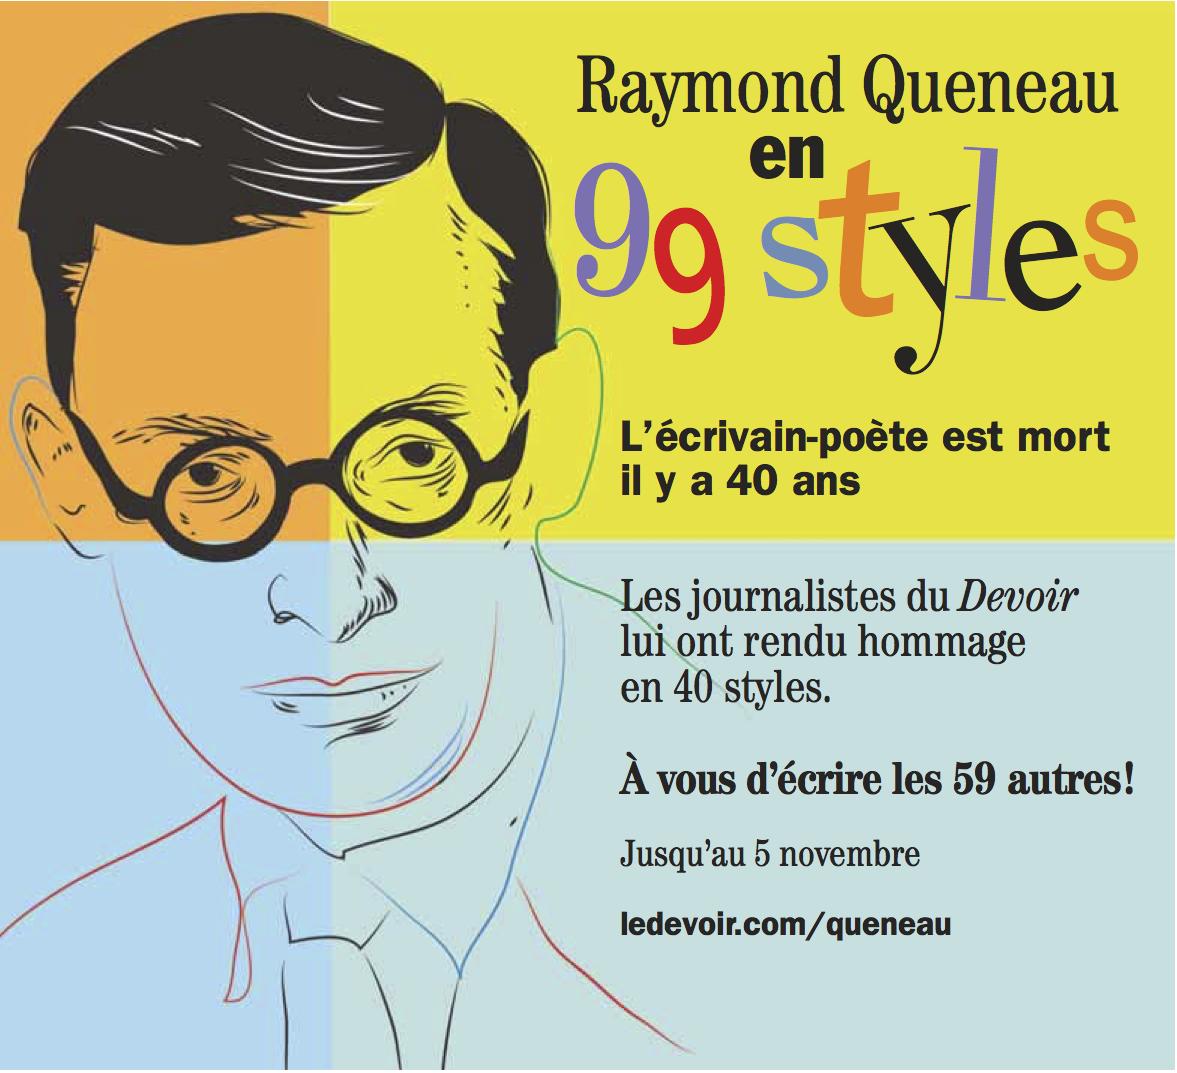 image-Queneau-Devoir